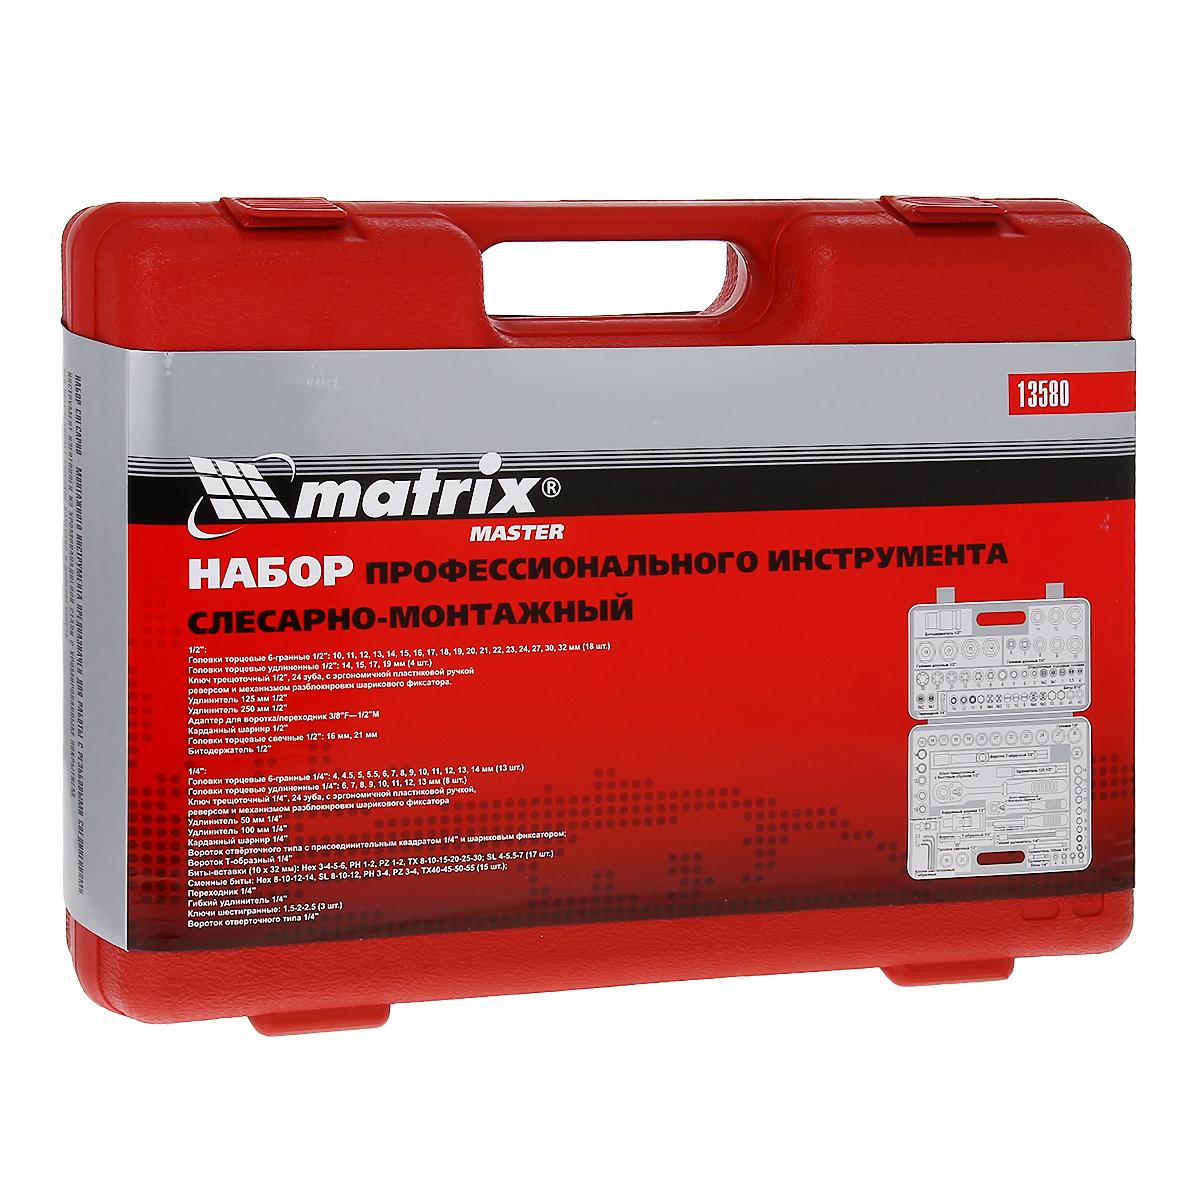 Набор слесарно-монтажный Matrix, 94 предмета13580Слесарно-монтажный набор Matrix предназначен для монтажа и демонтажа резьбовых соединений. Инструменты выполнены из хромованадиевой стали с хромированным покрытием, что обеспечивает высокое качество и долговечность.Состав набора:1/2:Головки торцевые шестигранные: 10 мм, 11 мм, 12 мм, 13 мм, 14 мм, 15 мм, 16 мм, 17 мм, 18 мм, 19 мм, 20 мм, 21 мм, 22 мм, 23 мм, 24 мм, 27 мм, 30 мм, 32 мм.Головки торцевые удлиненные: 14 мм, 15 мм, 17 мм, 19 мм.Ключ трещоточный, 24 зуба, с эргономичной пластиковой ручкой, реверсом и механизмом разблокировки шарикового фиксатора.Удлинитель 125 мм.Удлинитель 250 мм.Адаптер для воротка/переходник 3/8F-1/2M.Карданный шарнир.Битодержатель.1/4:Головки торцевые шестигранные: 4 мм, 4,5 мм, 5 мм, 5,5 мм, 6 мм, 7 мм, 8 мм, 9 мм, 10 мм, 11 мм, 12 мм, 13 мм, 14 мм.Головки торцевые удлиненные: 6 мм, 7 мм, 8 мм, 9 мм, 10 мм, 11 мм, 12 мм, 13 мм.Ключ трещоточный, 24 зуба, с эргономичной пластиковой ручкой, реверсом и механизмом разблокировки шарикового фиксатора.Удлинитель 50 мм.Удлинитель 100 мм.Карданный шарнир.Вороток отверточного типа с присоединительным квадратом 1/4 и шариковым фиксатором.Вороток Т-образный.Биты-вставки (30 х 32 мм): Hex3, Hex4, Hex5, Hex6, PH1, PH2, PZ1, PZ2, T8, T10, T15, T20, T25, T30, SL4, SL5,5, SL7.Сменные биты: Hex8, Hex10, Hex12, Hex14, SL8, SL10, SL12, PH3, PH4, PZ3, PZ4, T40, T45, T50, T55.Переходник.Гибкий удлинитель.Ключи шестигранные: 1,5 мм, 2 мм, 2,5 мм.Вороток отверточного типа.